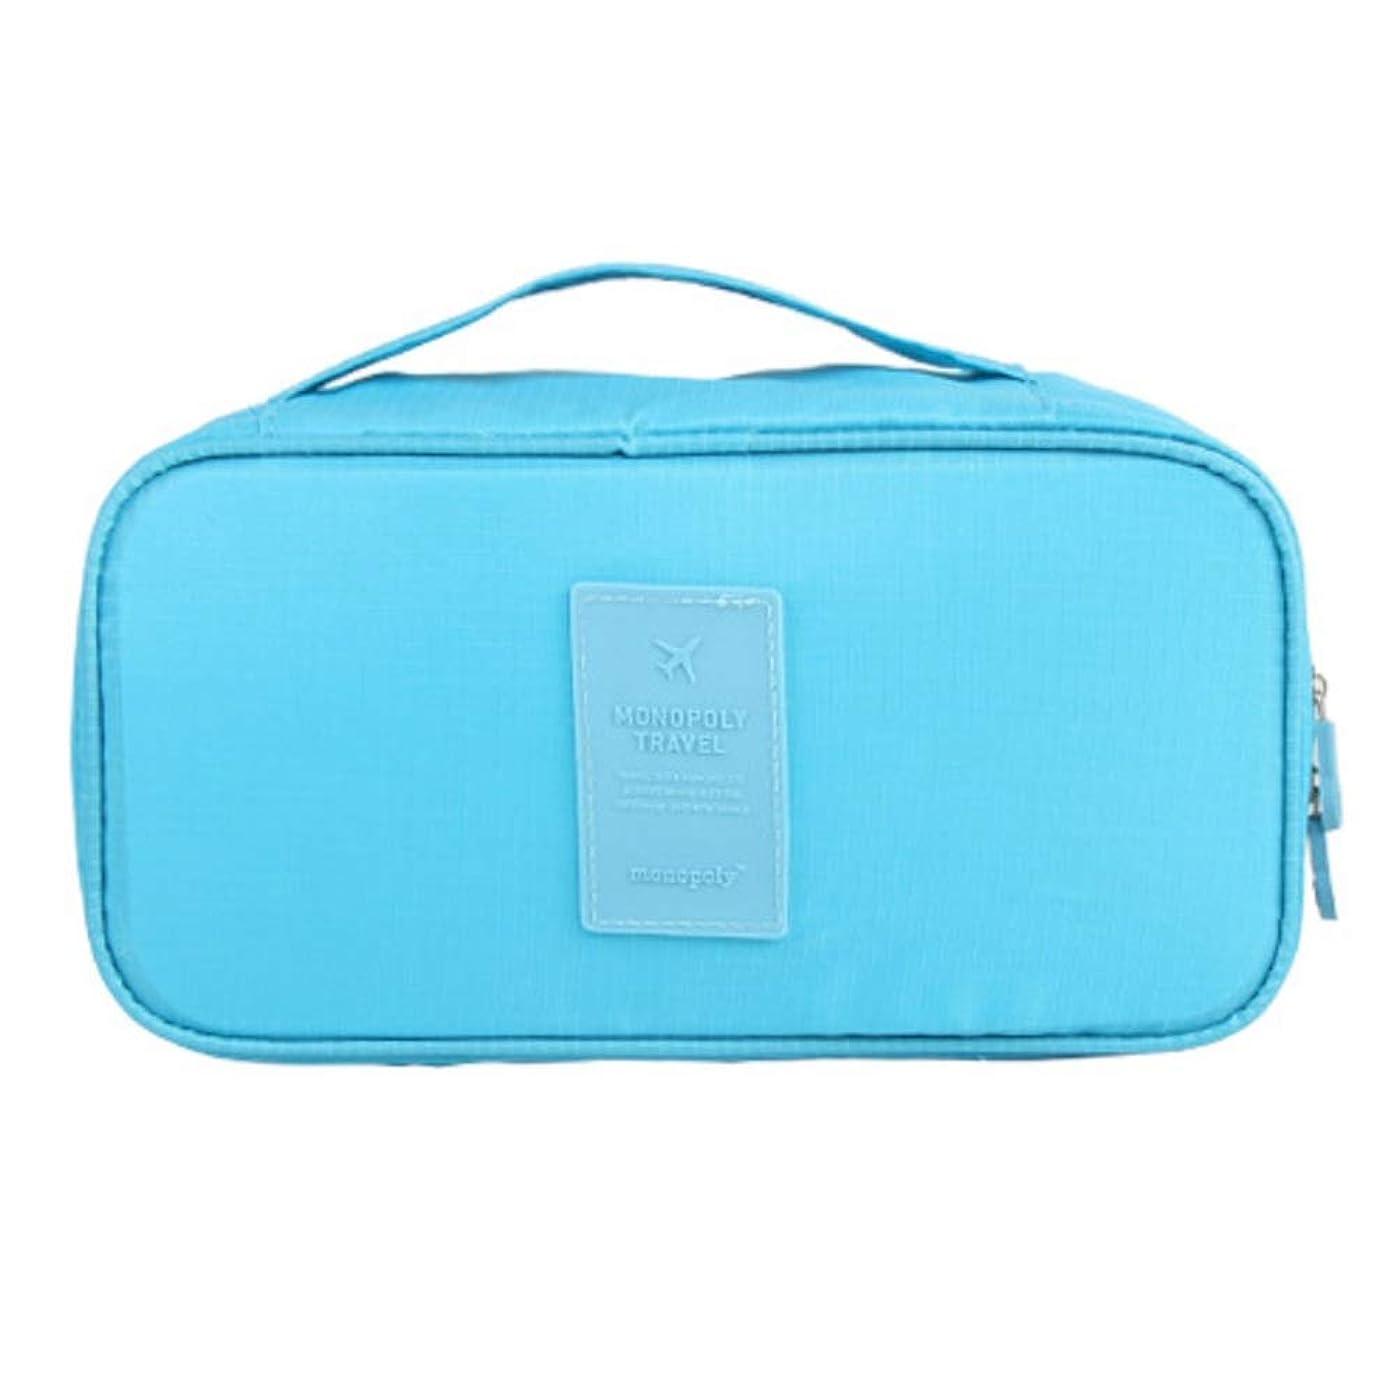 存在アイザック確立します化粧オーガナイザーバッグ 旅行用品旅行用シェービングヘアバッグ 化粧品ケース (色 : 青)